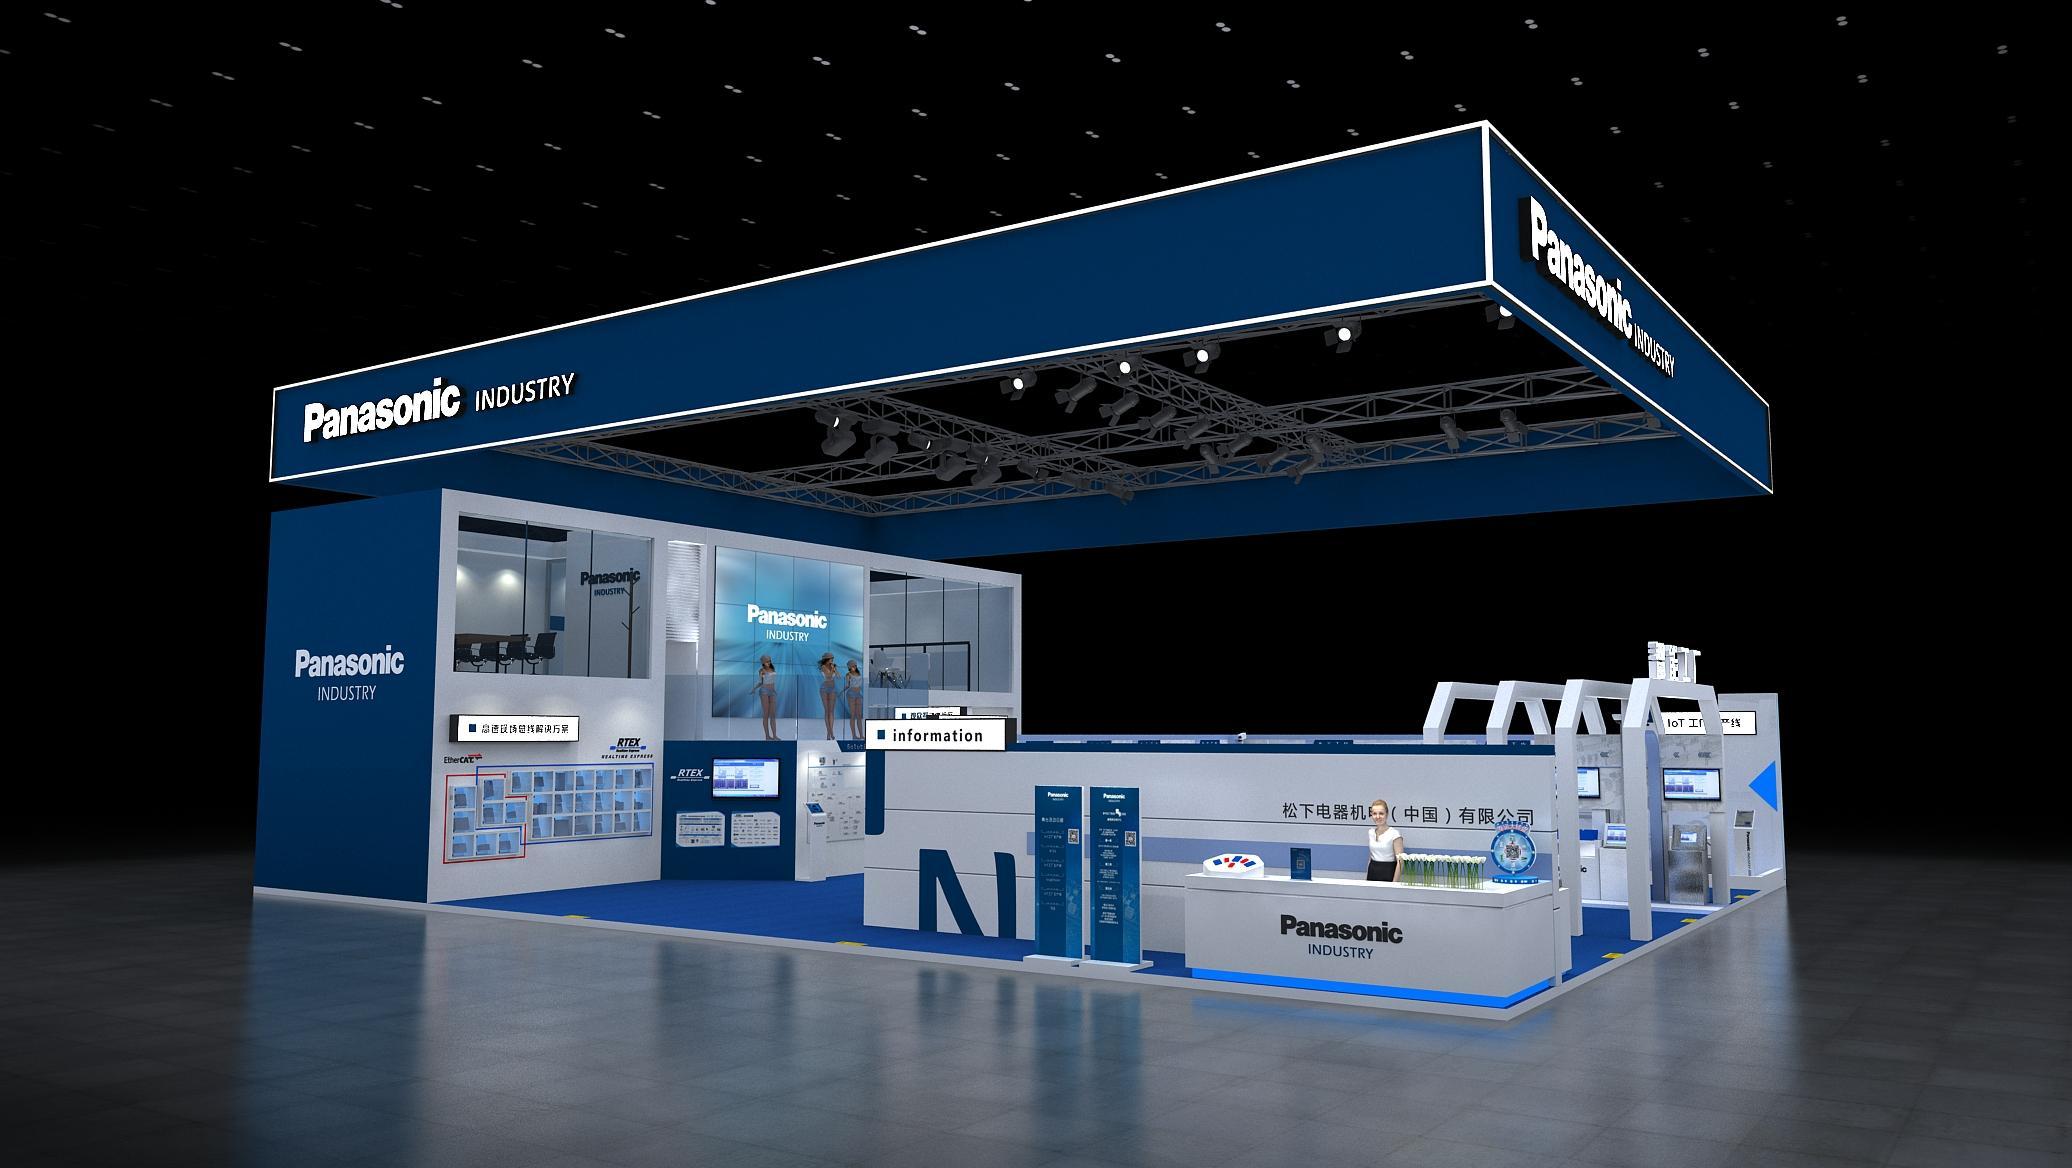 「第21回 中国国際工業博覧会」パナソニックブースイメージ